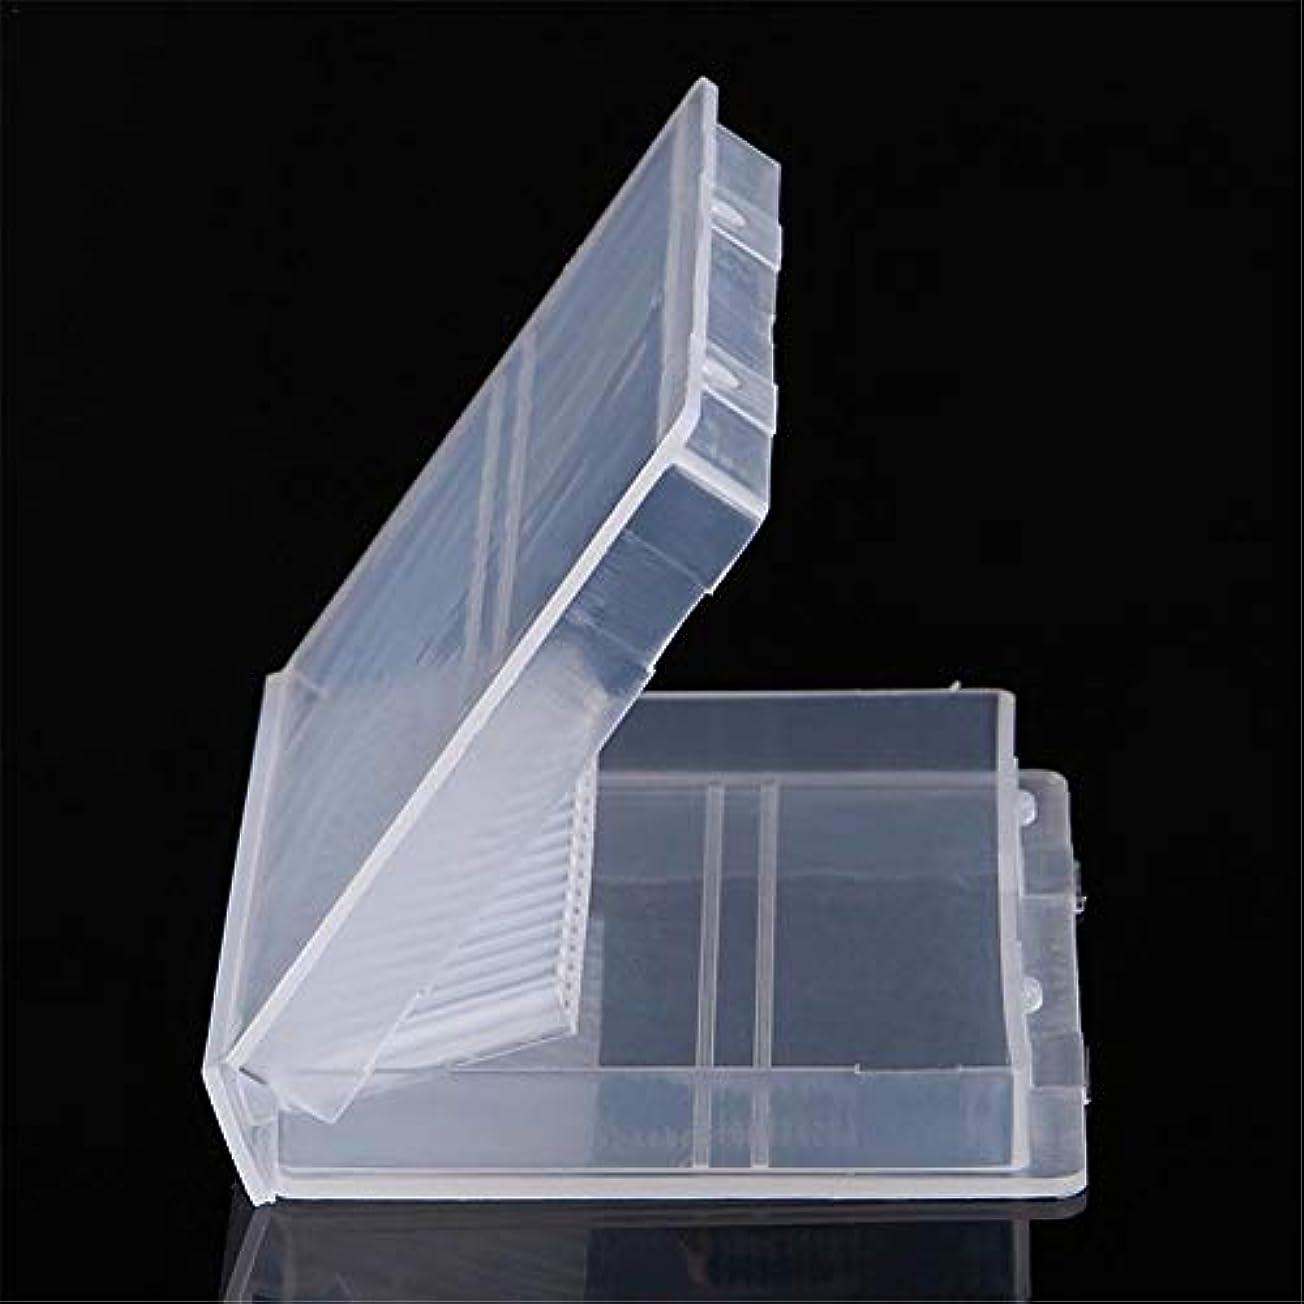 政治家の大腿別れるRuier-tong ネイルドリル 収納ケース ネイルビッドセット 研削ネイル用 透明 プラスチック 20穴 ネイル研削ヘッド収納ボックス